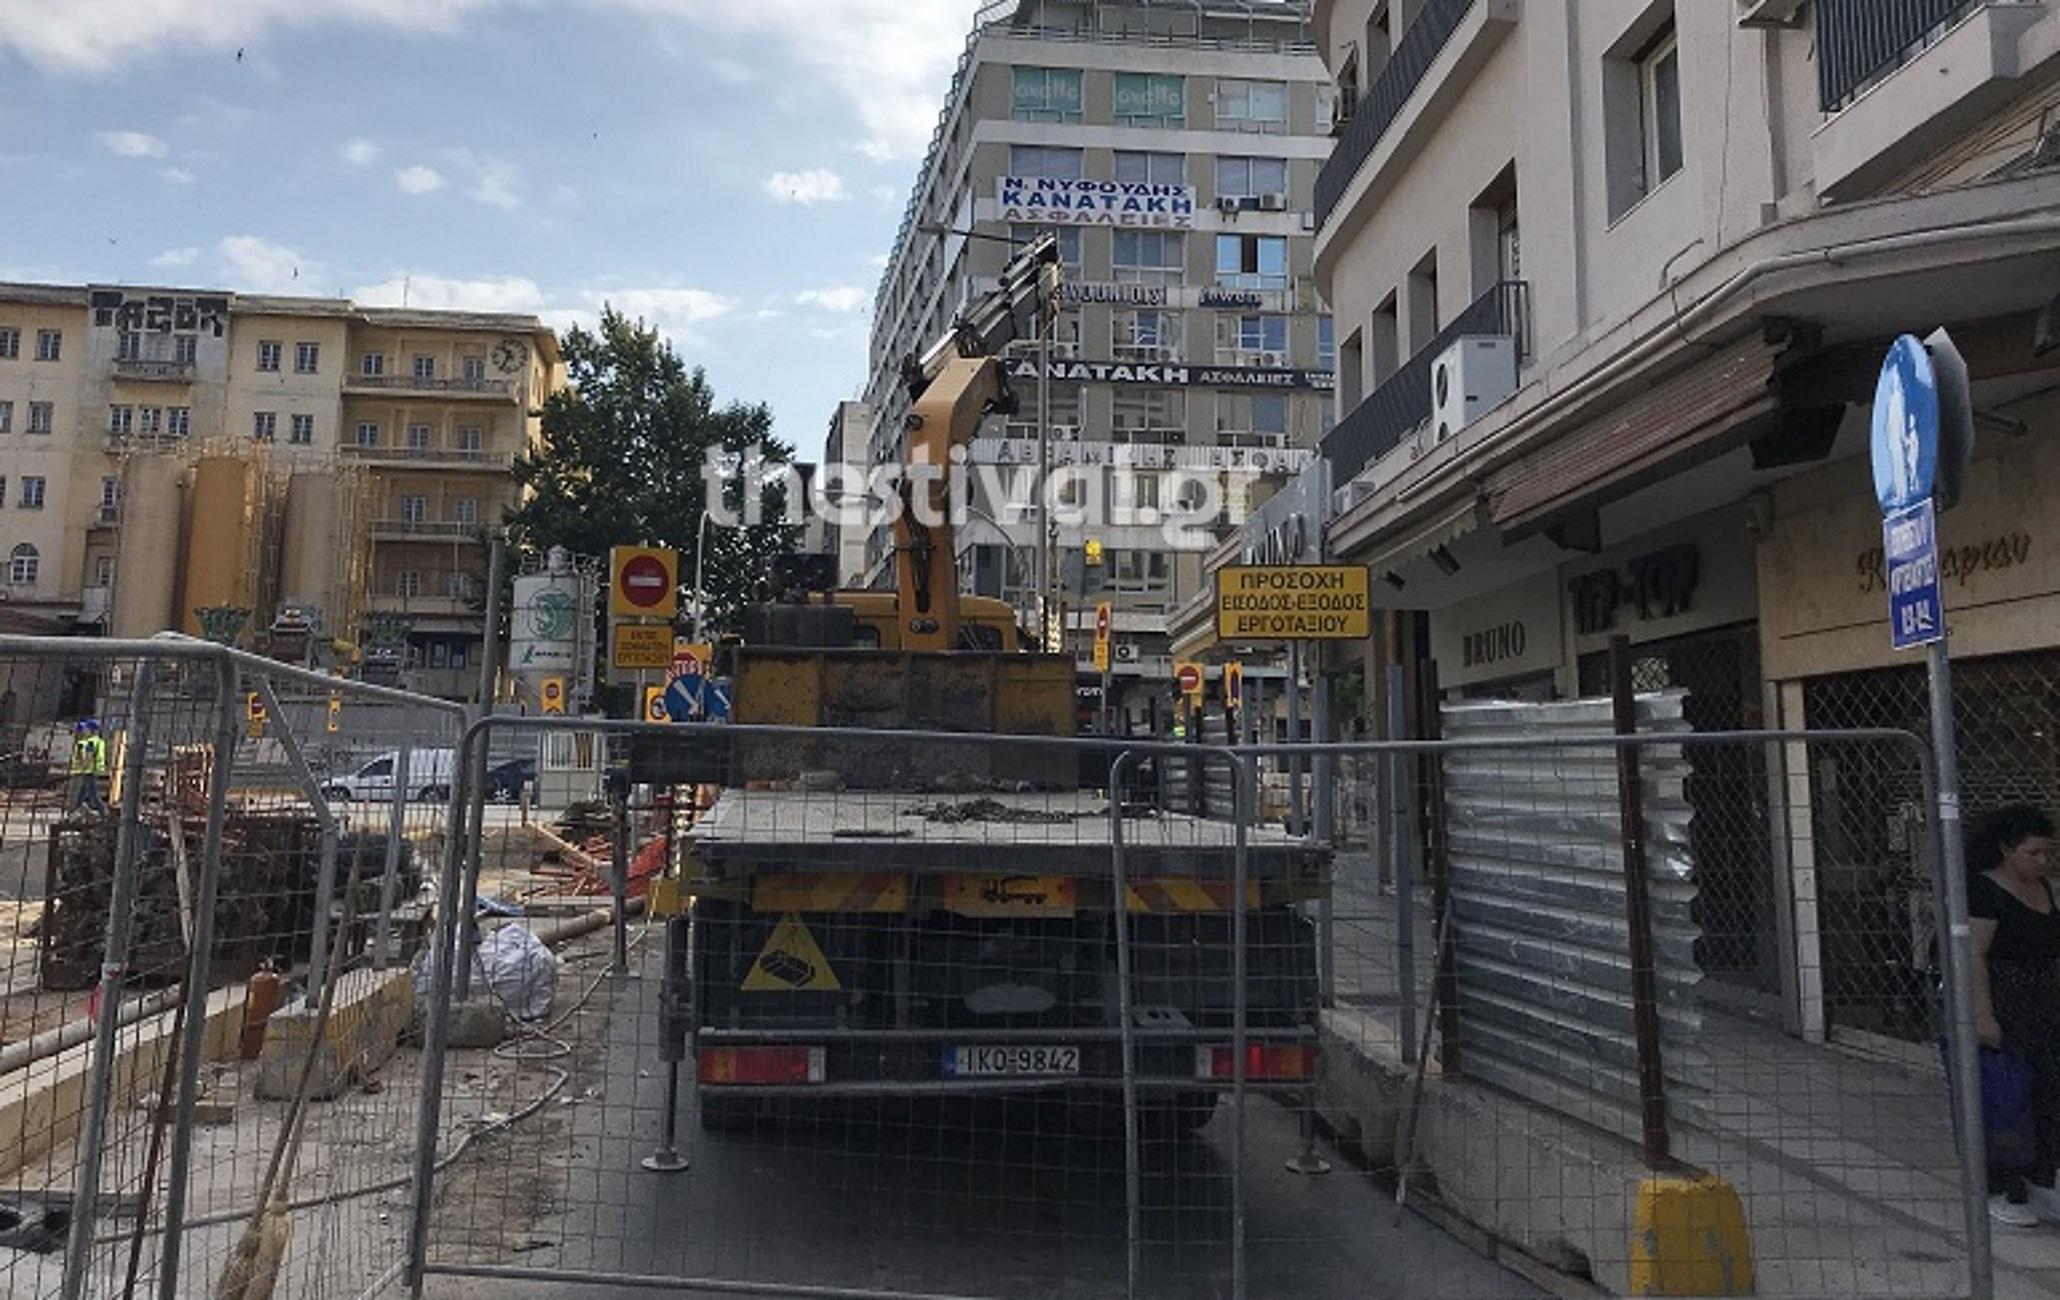 Θεσσαλονίκη: Έκλεισε ξανά η οδός Βενιζέλου για το μετρό! Έξω φρενών οι ιδιοκτήτες καταστημάτων (Βίντεο)